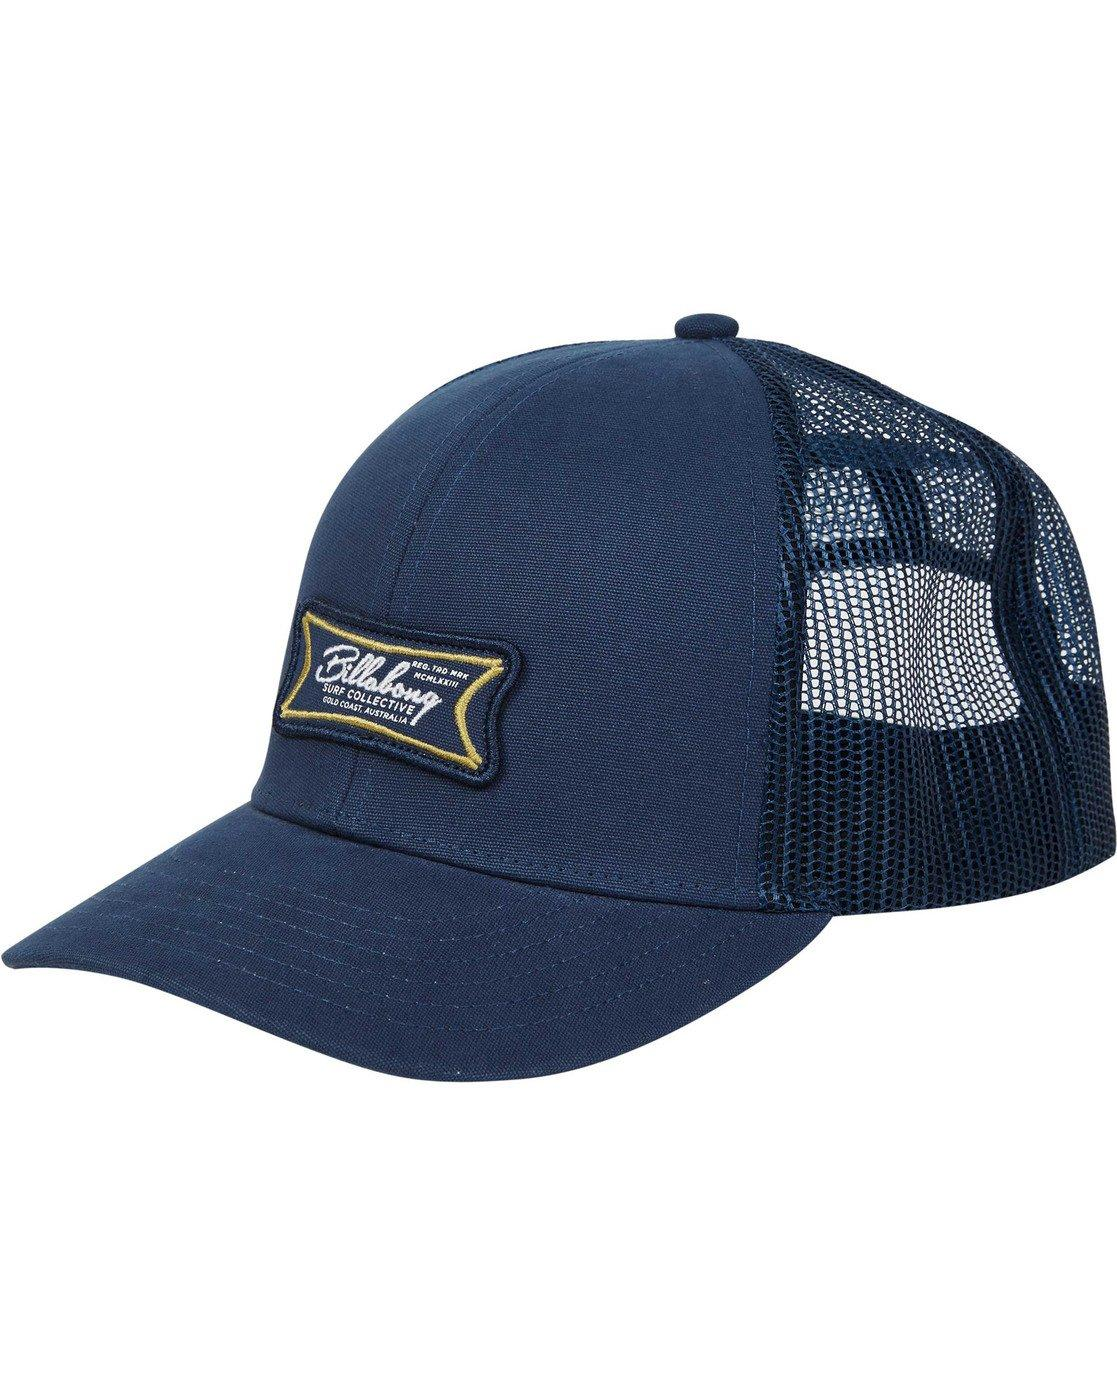 0d7ccc585bd35 Billabong - Blue Walled Trucker Hat for Men - Lyst. View fullscreen